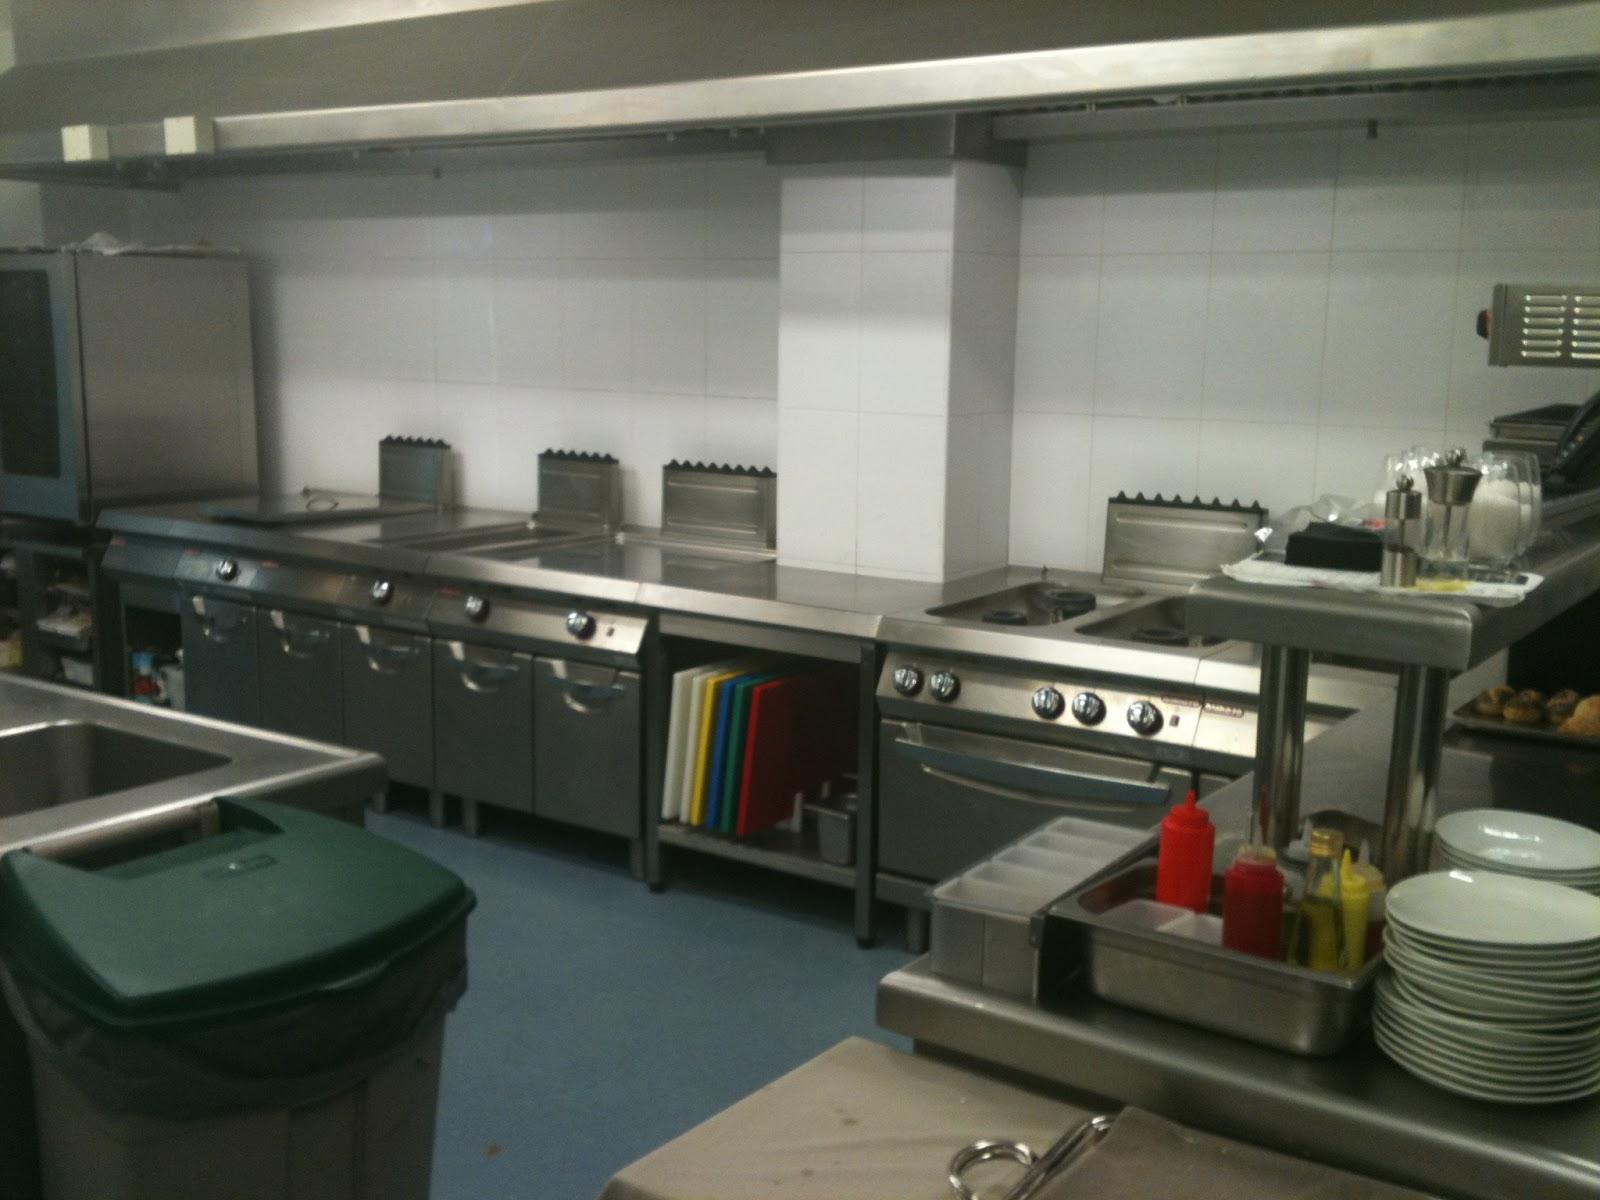 El laboratorio gastronomico enero 2011 - Cuarto frio cocina ...